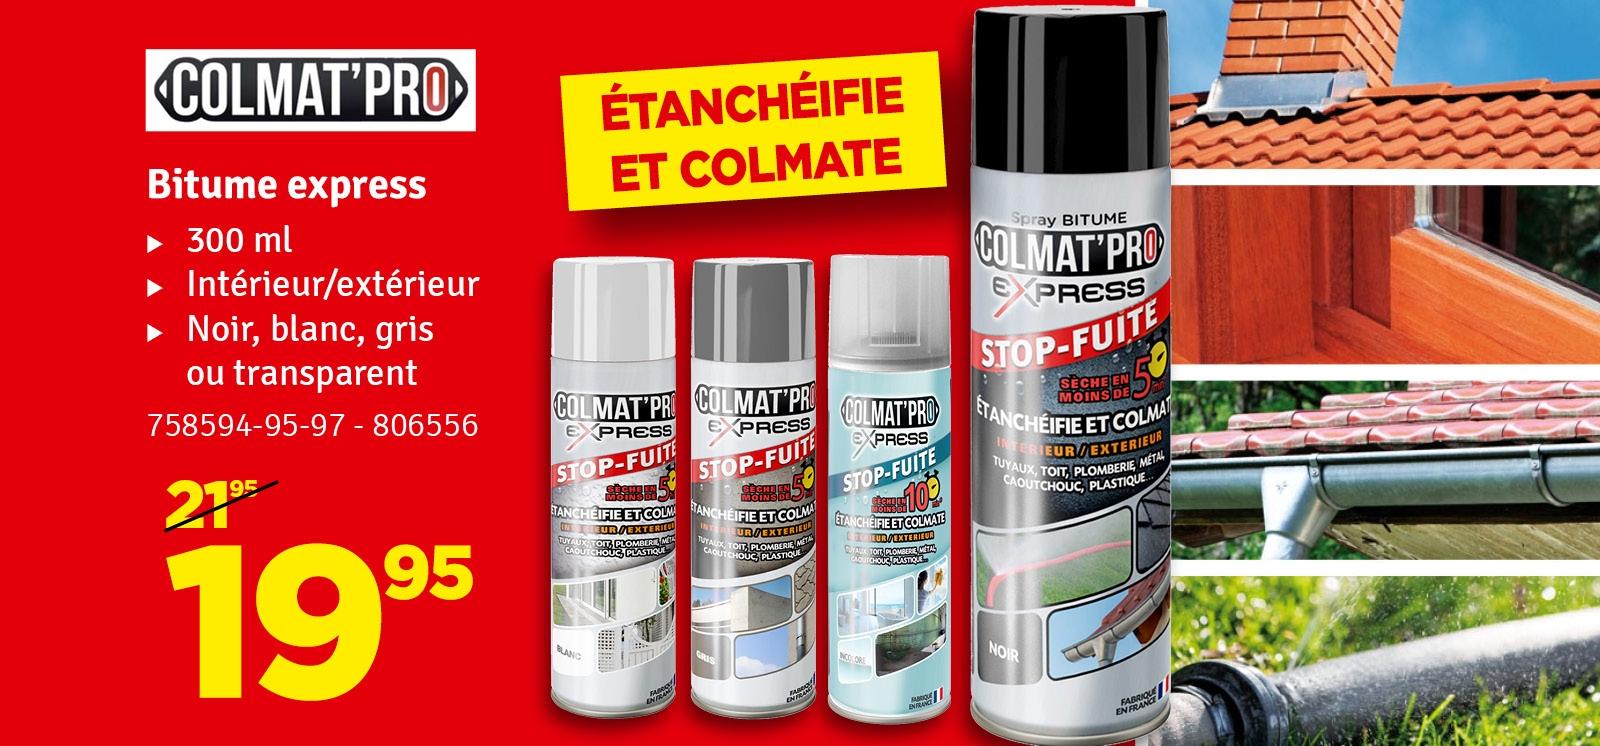 Promo - Spray pour étanchéifier et colmater Colmat Pro 300 ml